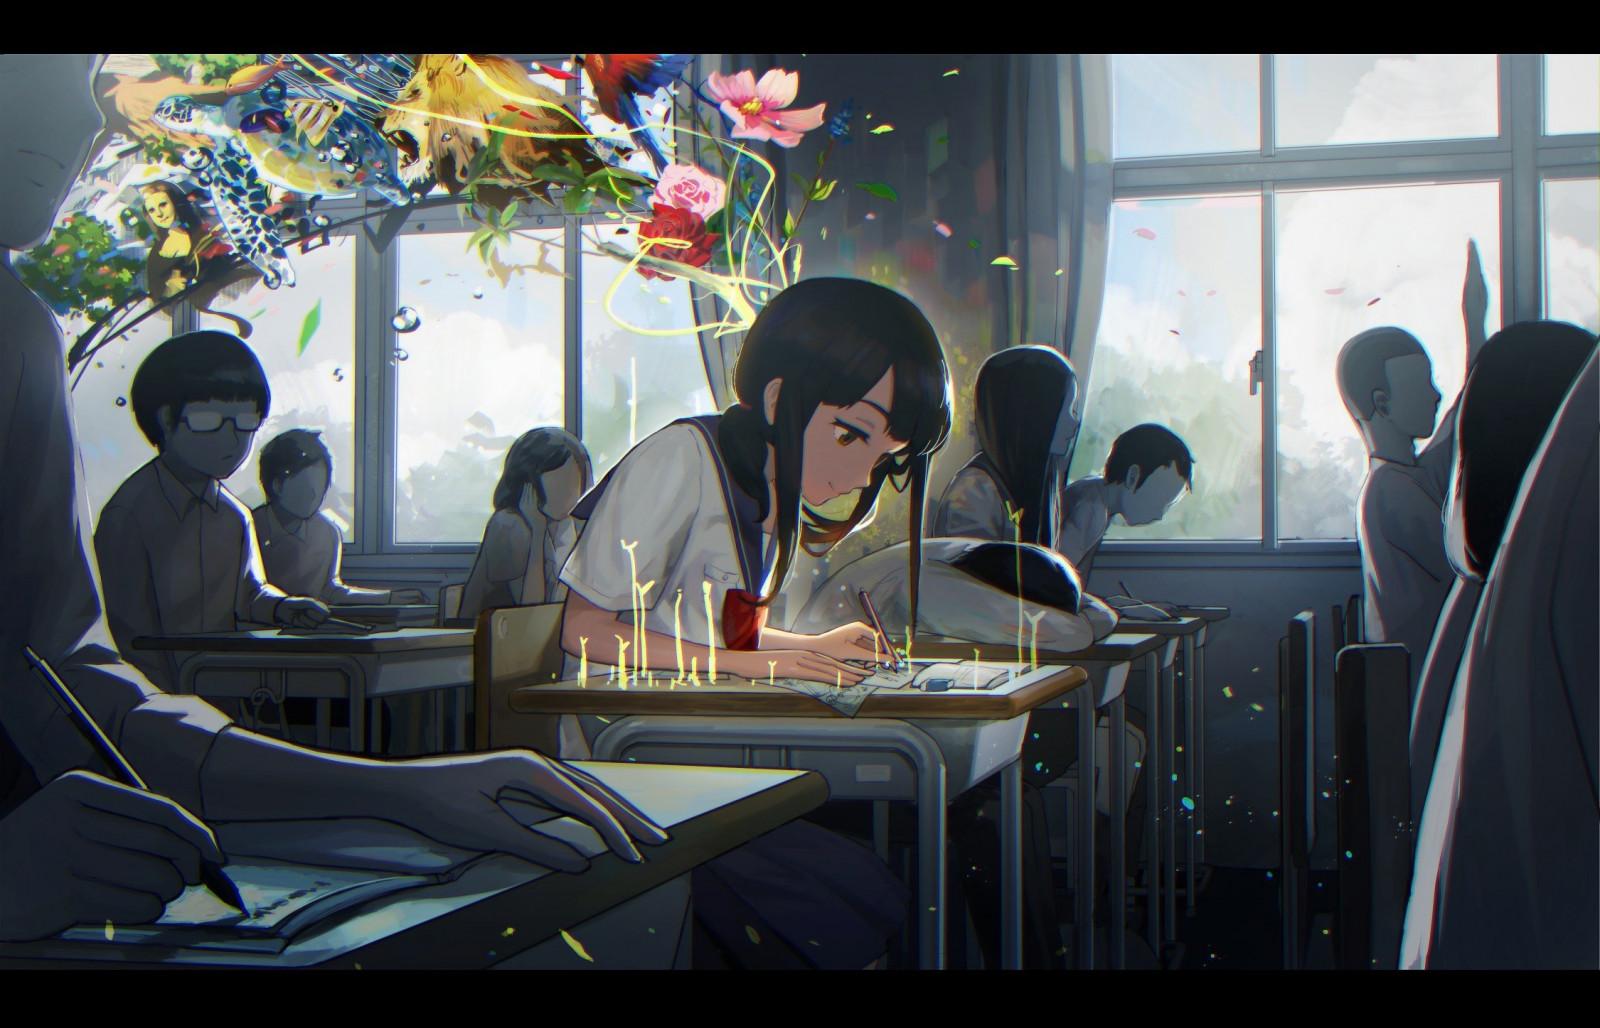 Hoa, Anime, trường học, phòng học, Màu xám nền, học tập, cuộc hội thoại, Ảnh chụp màn hình